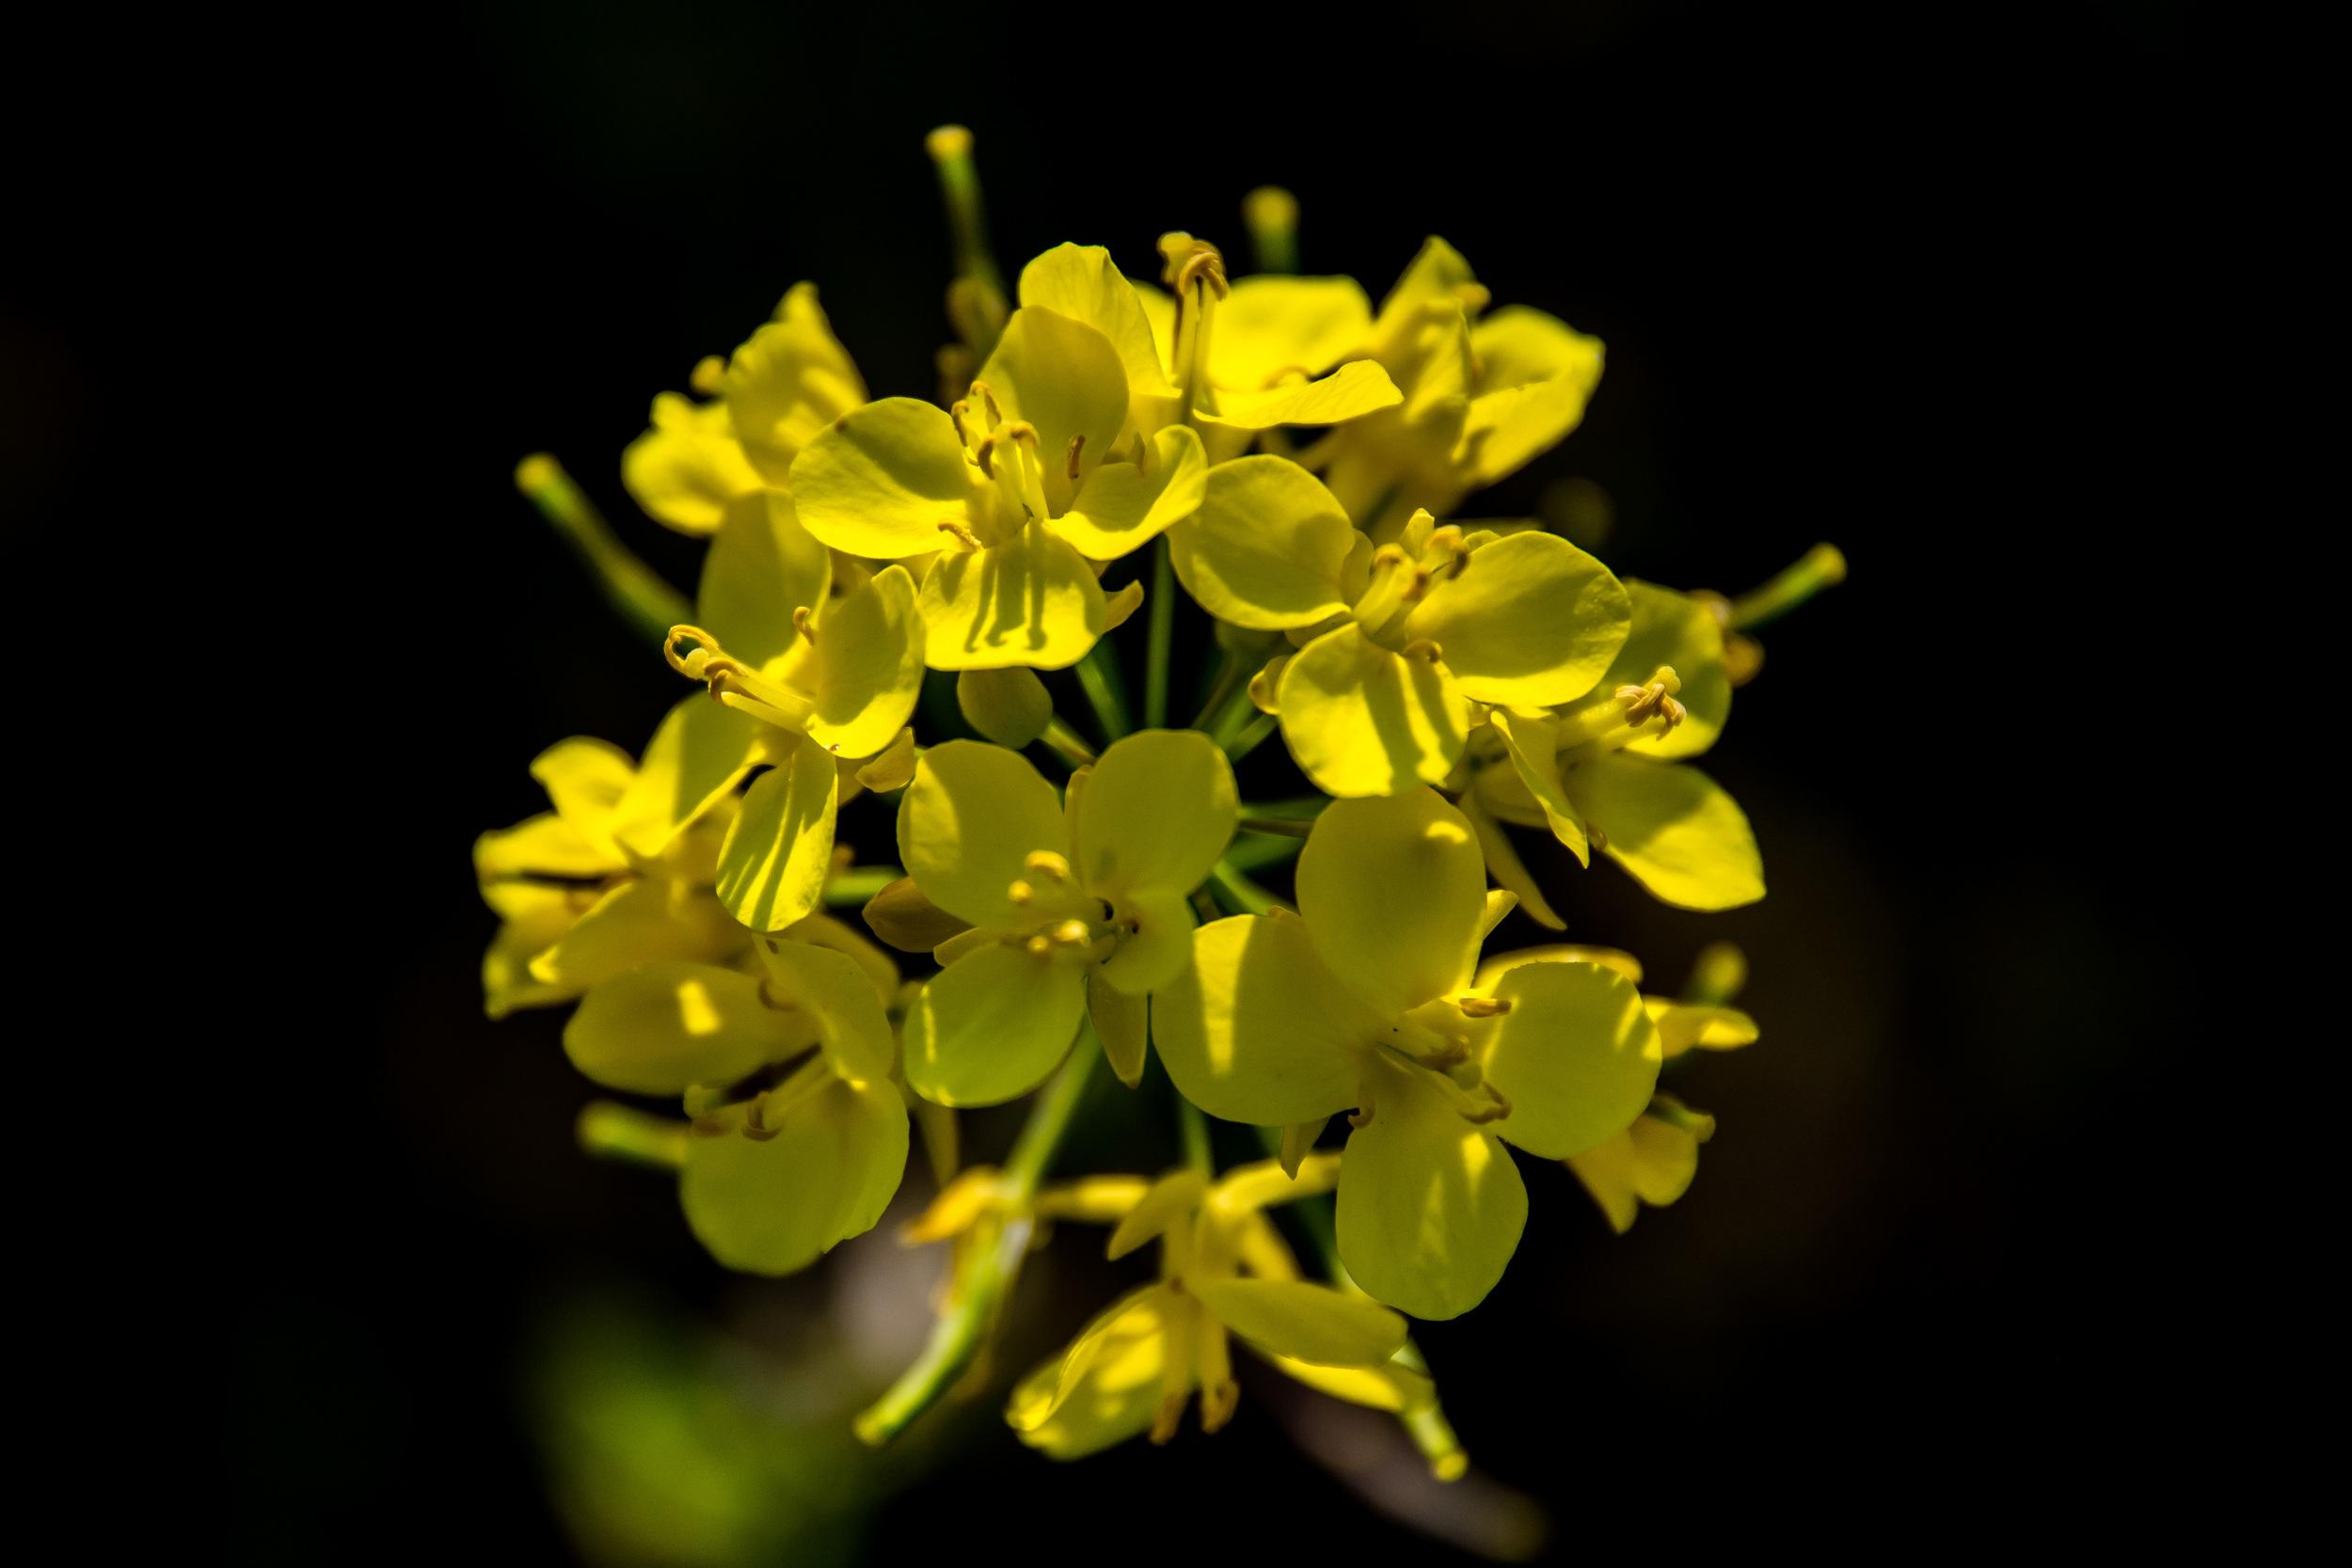 Is dit vlas? Het is een plant met een gele bloem. Het wordt geteeld. Je ziet het dikwijls op het platteland.